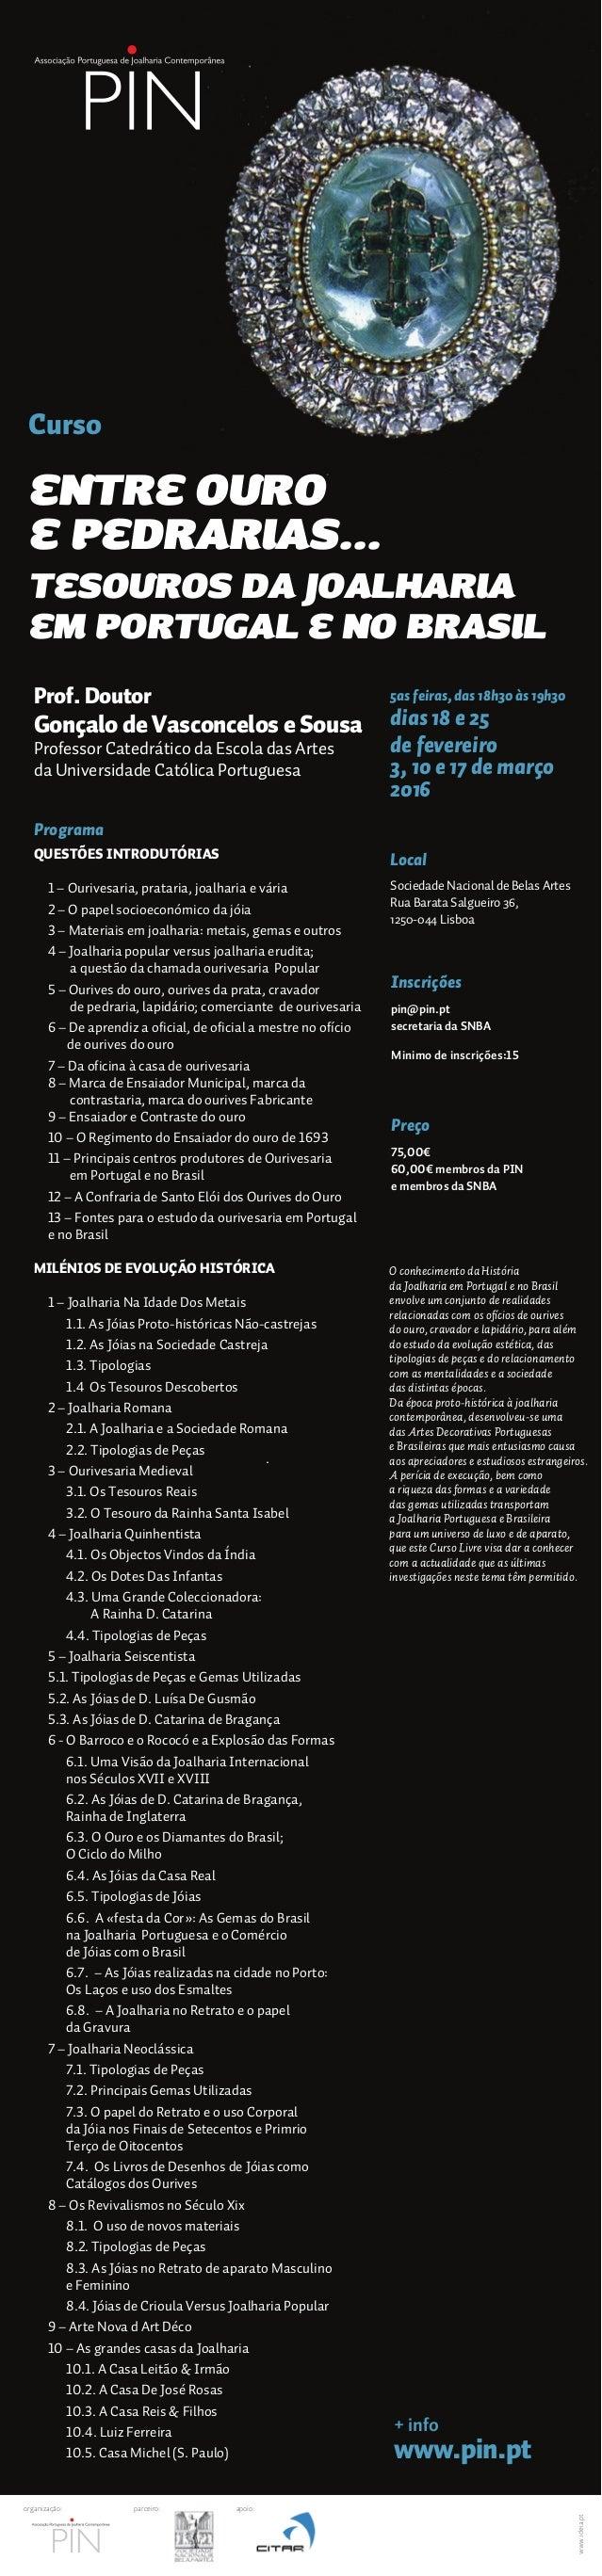 5as feiras, das 18h30 às 19h30 dias 18 e 25 de fevereiro 3, 10 e 17 de março 2016 Local Sociedade Nacional de Belas Artes ...